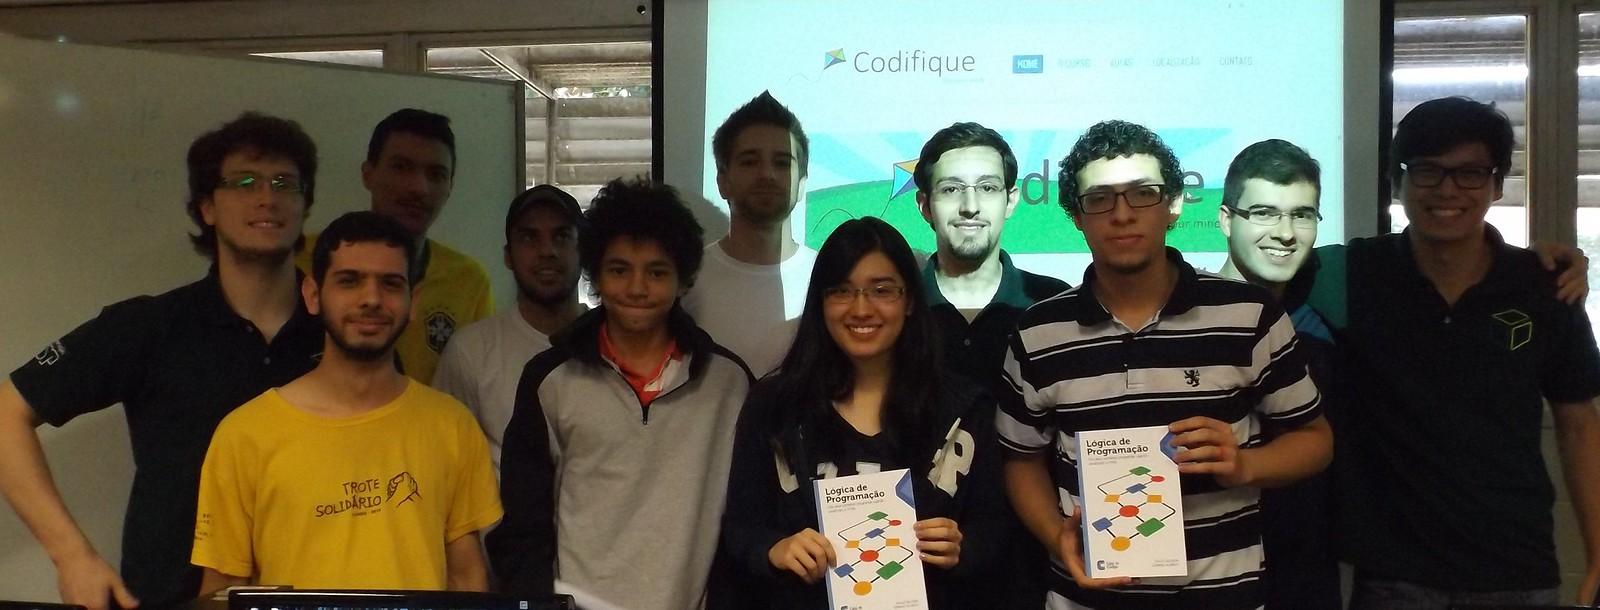 Heitor Borges, Camila Zancanella e Adriano de Paulo recebendo os livros.